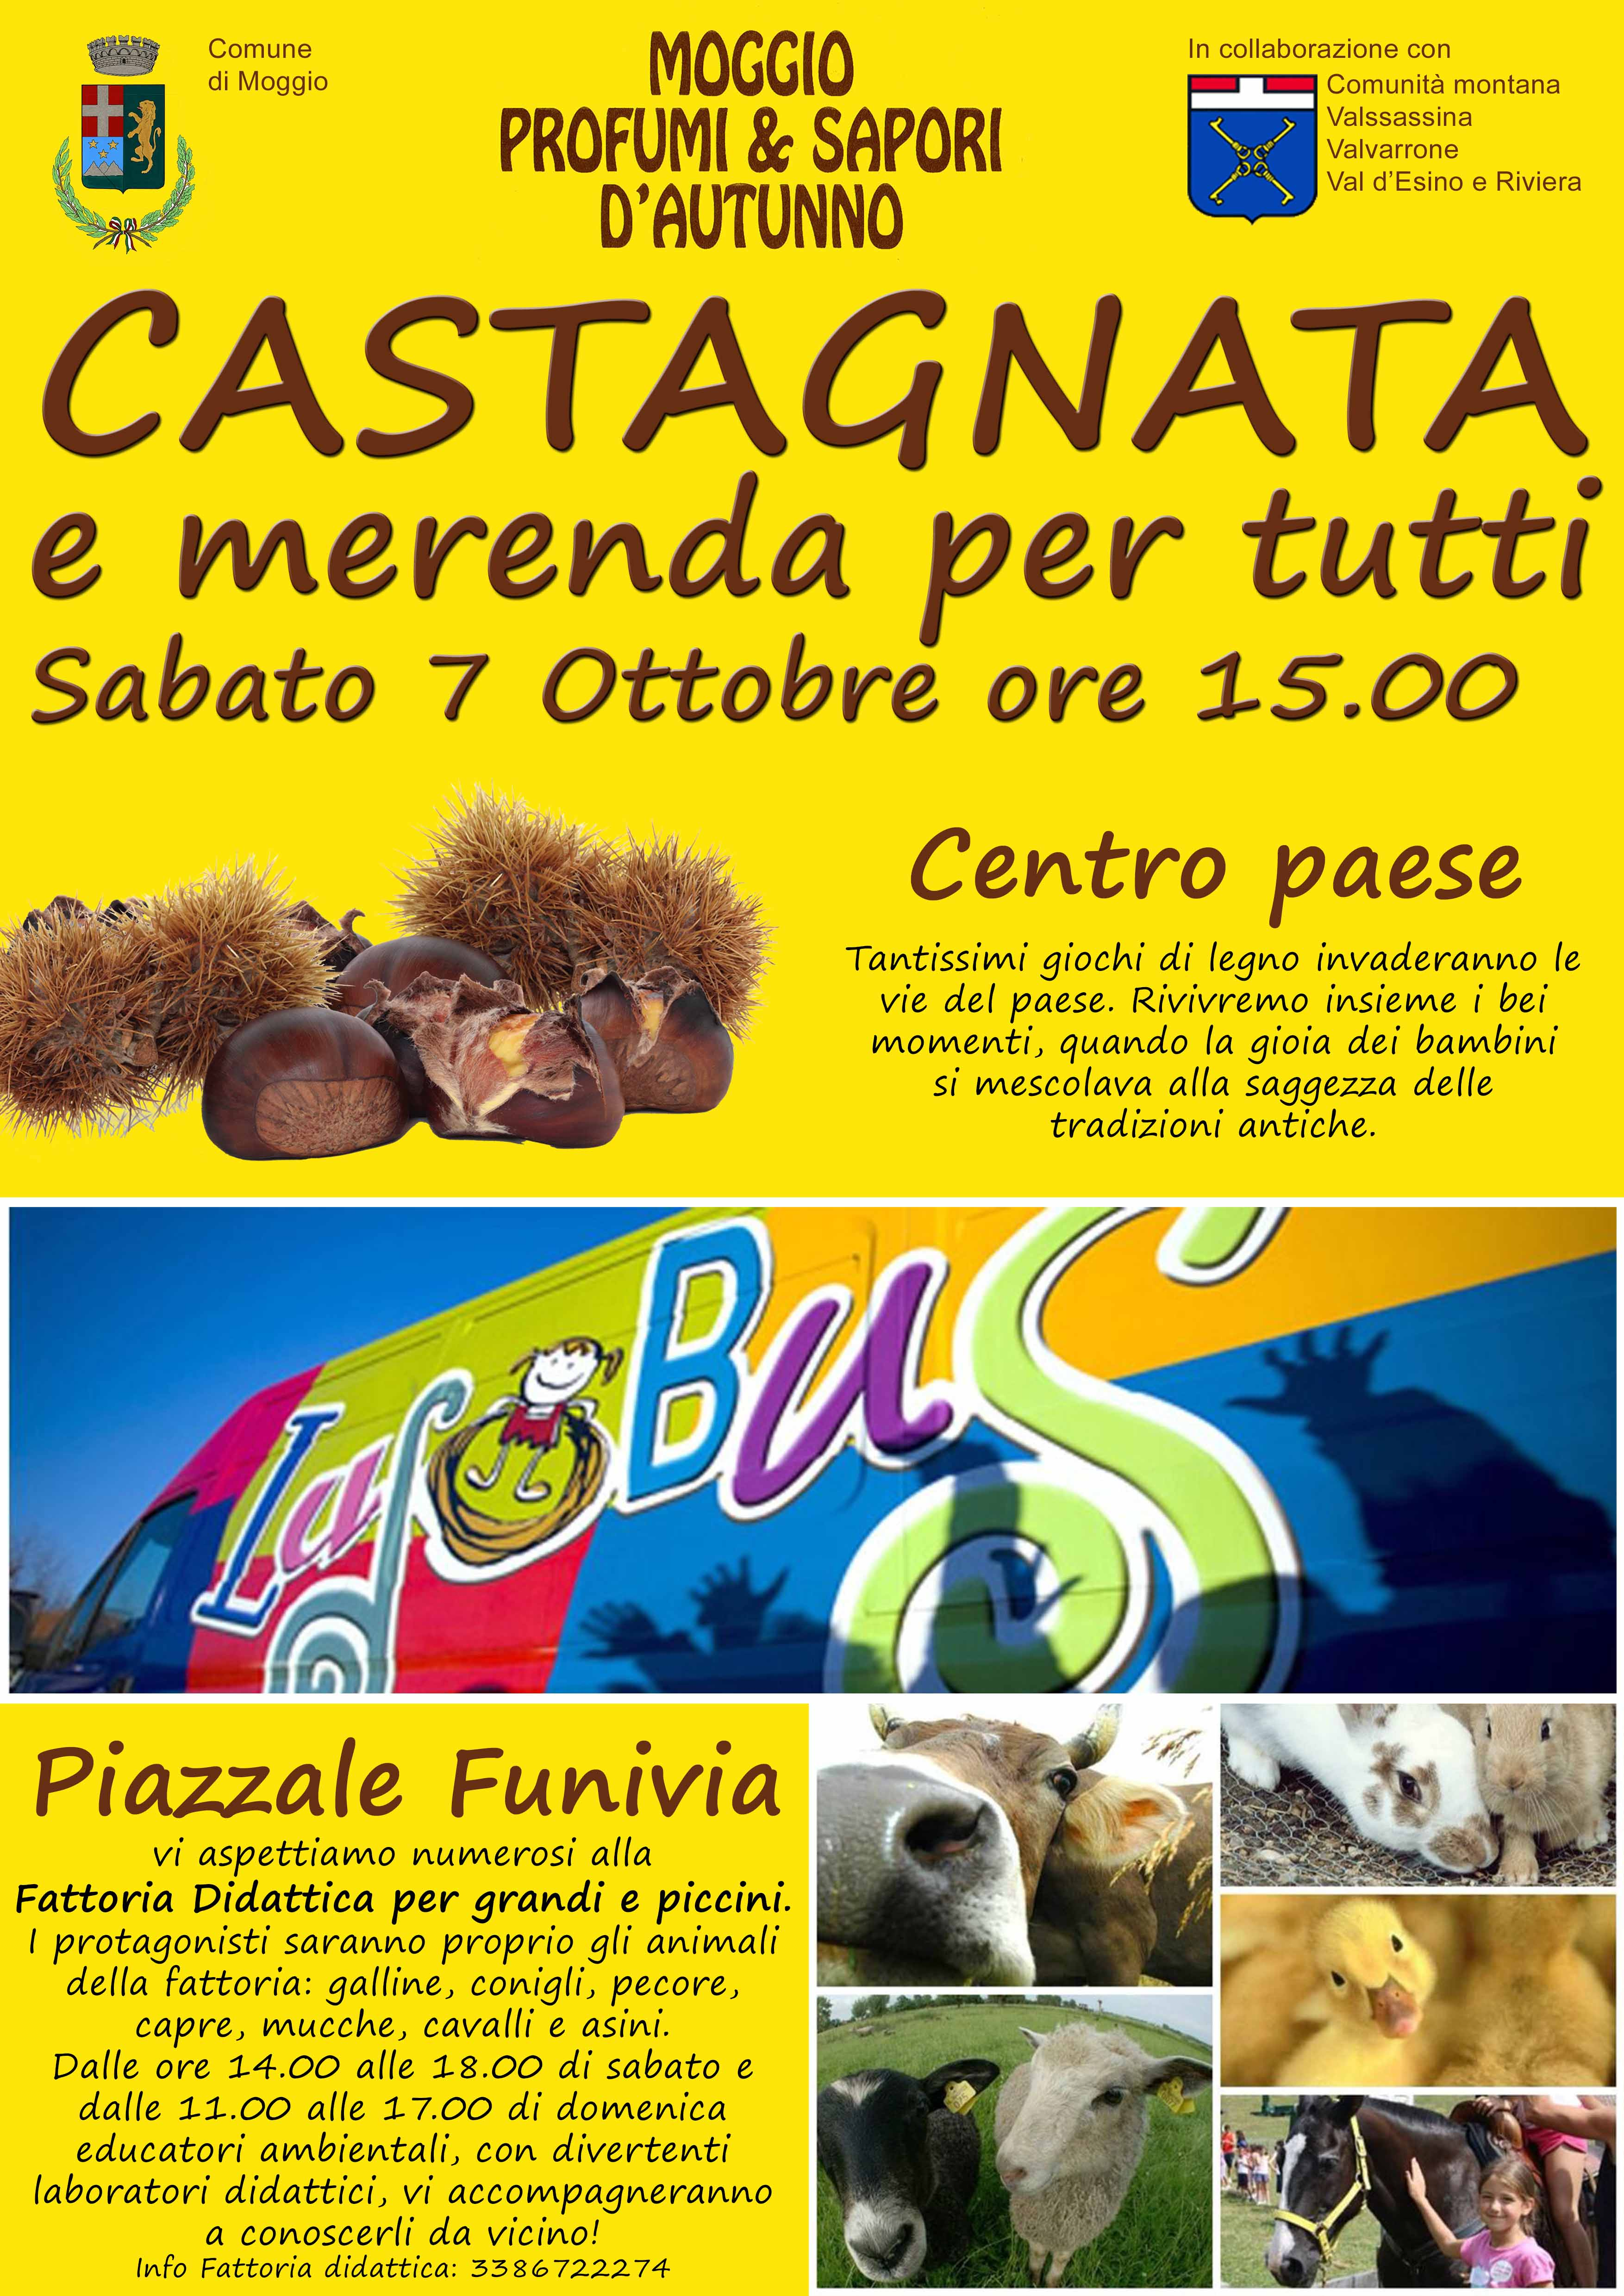 Castagnata a Moggio